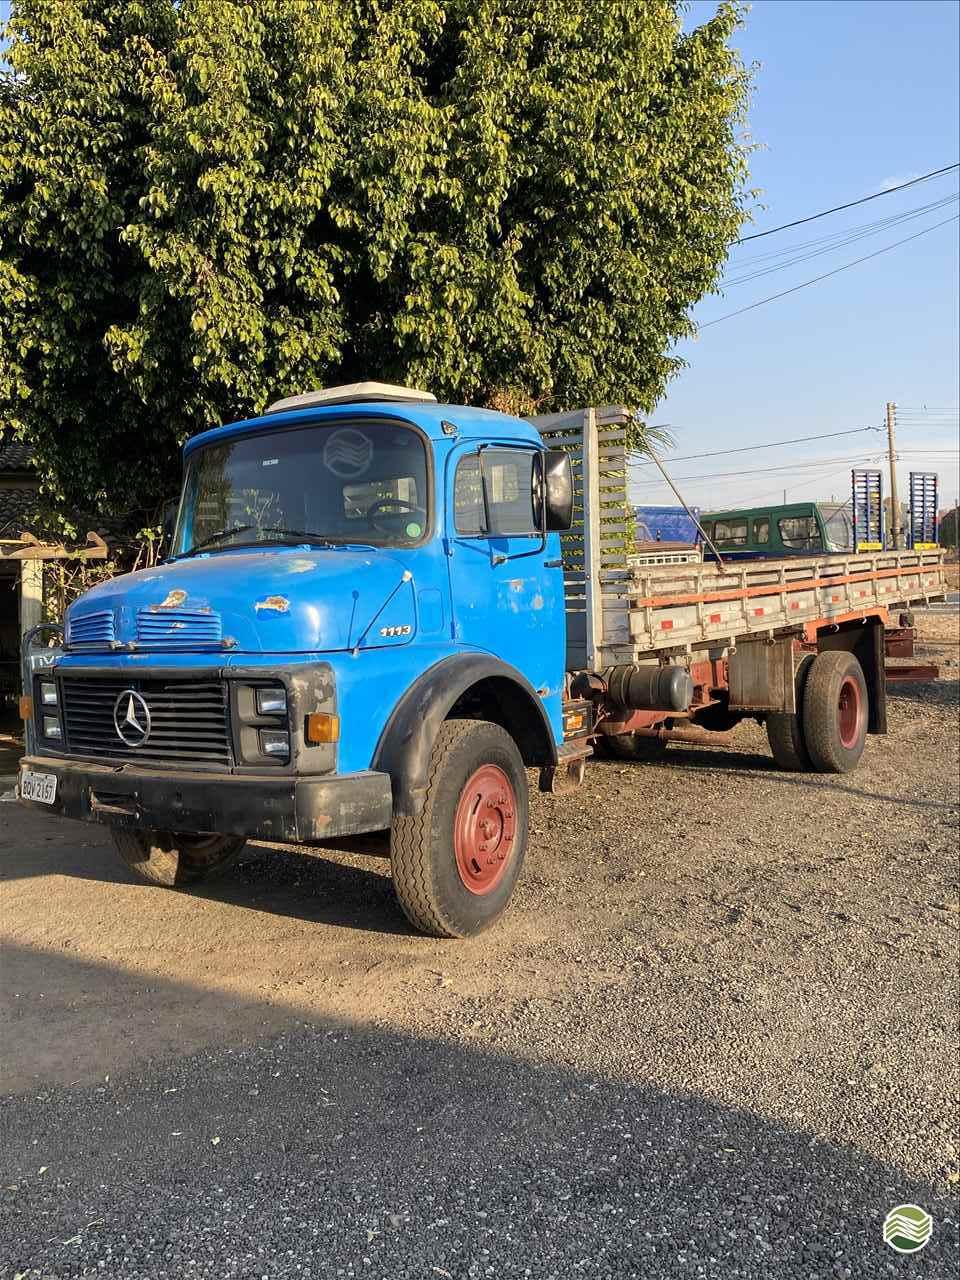 CAMINHAO MERCEDES-BENZ MB 1113 Carga Seca Toco 4x2 RT Máquinas e Peças Agrícolas LEME SÃO PAULO SP